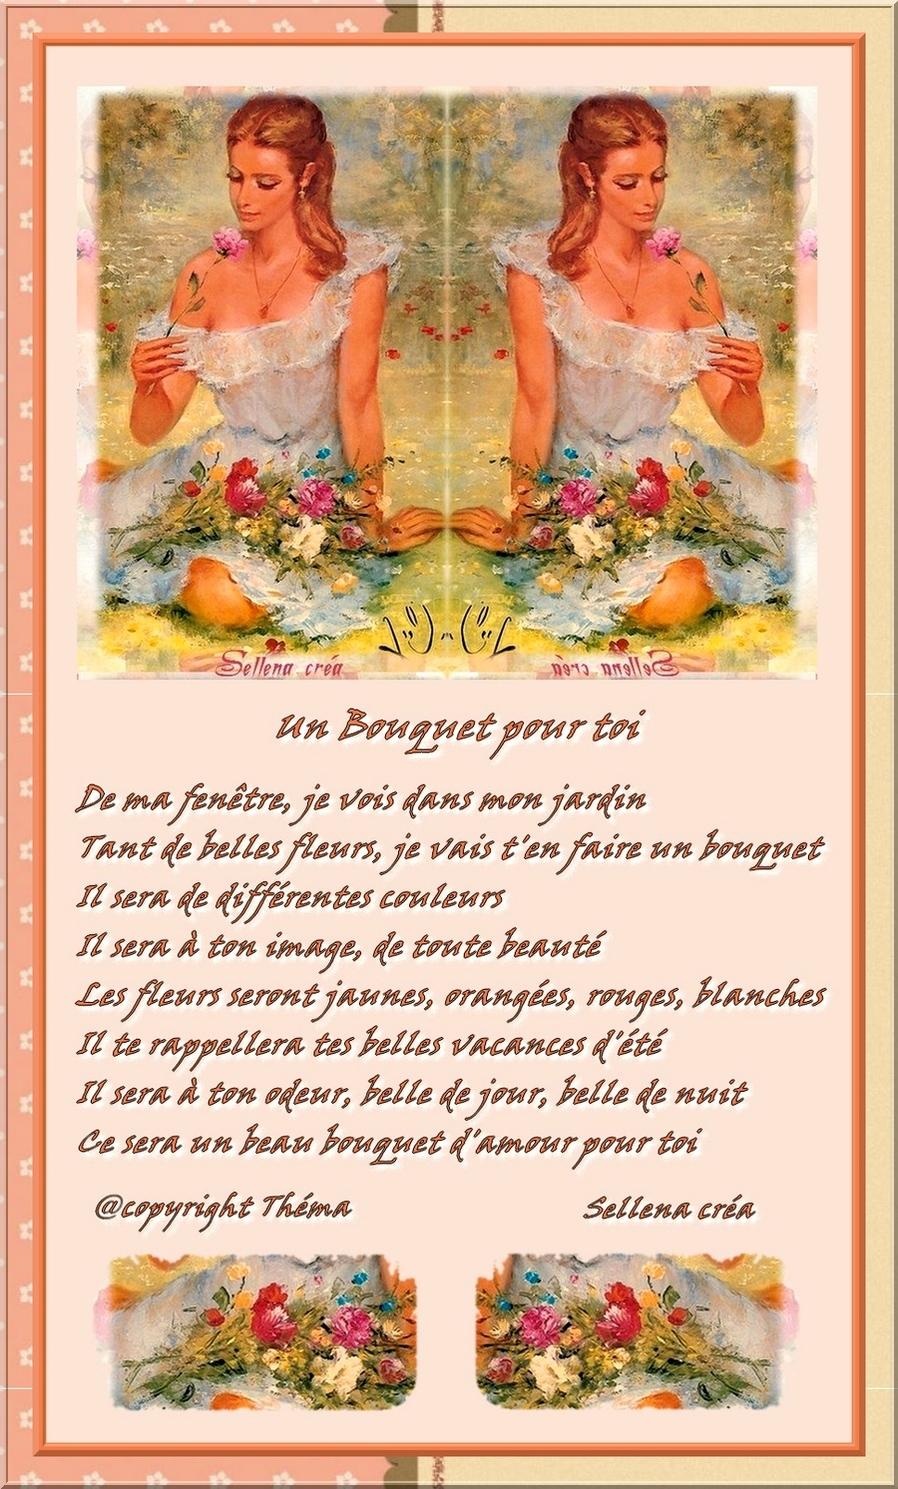 73 - Un Bouquet pour toi